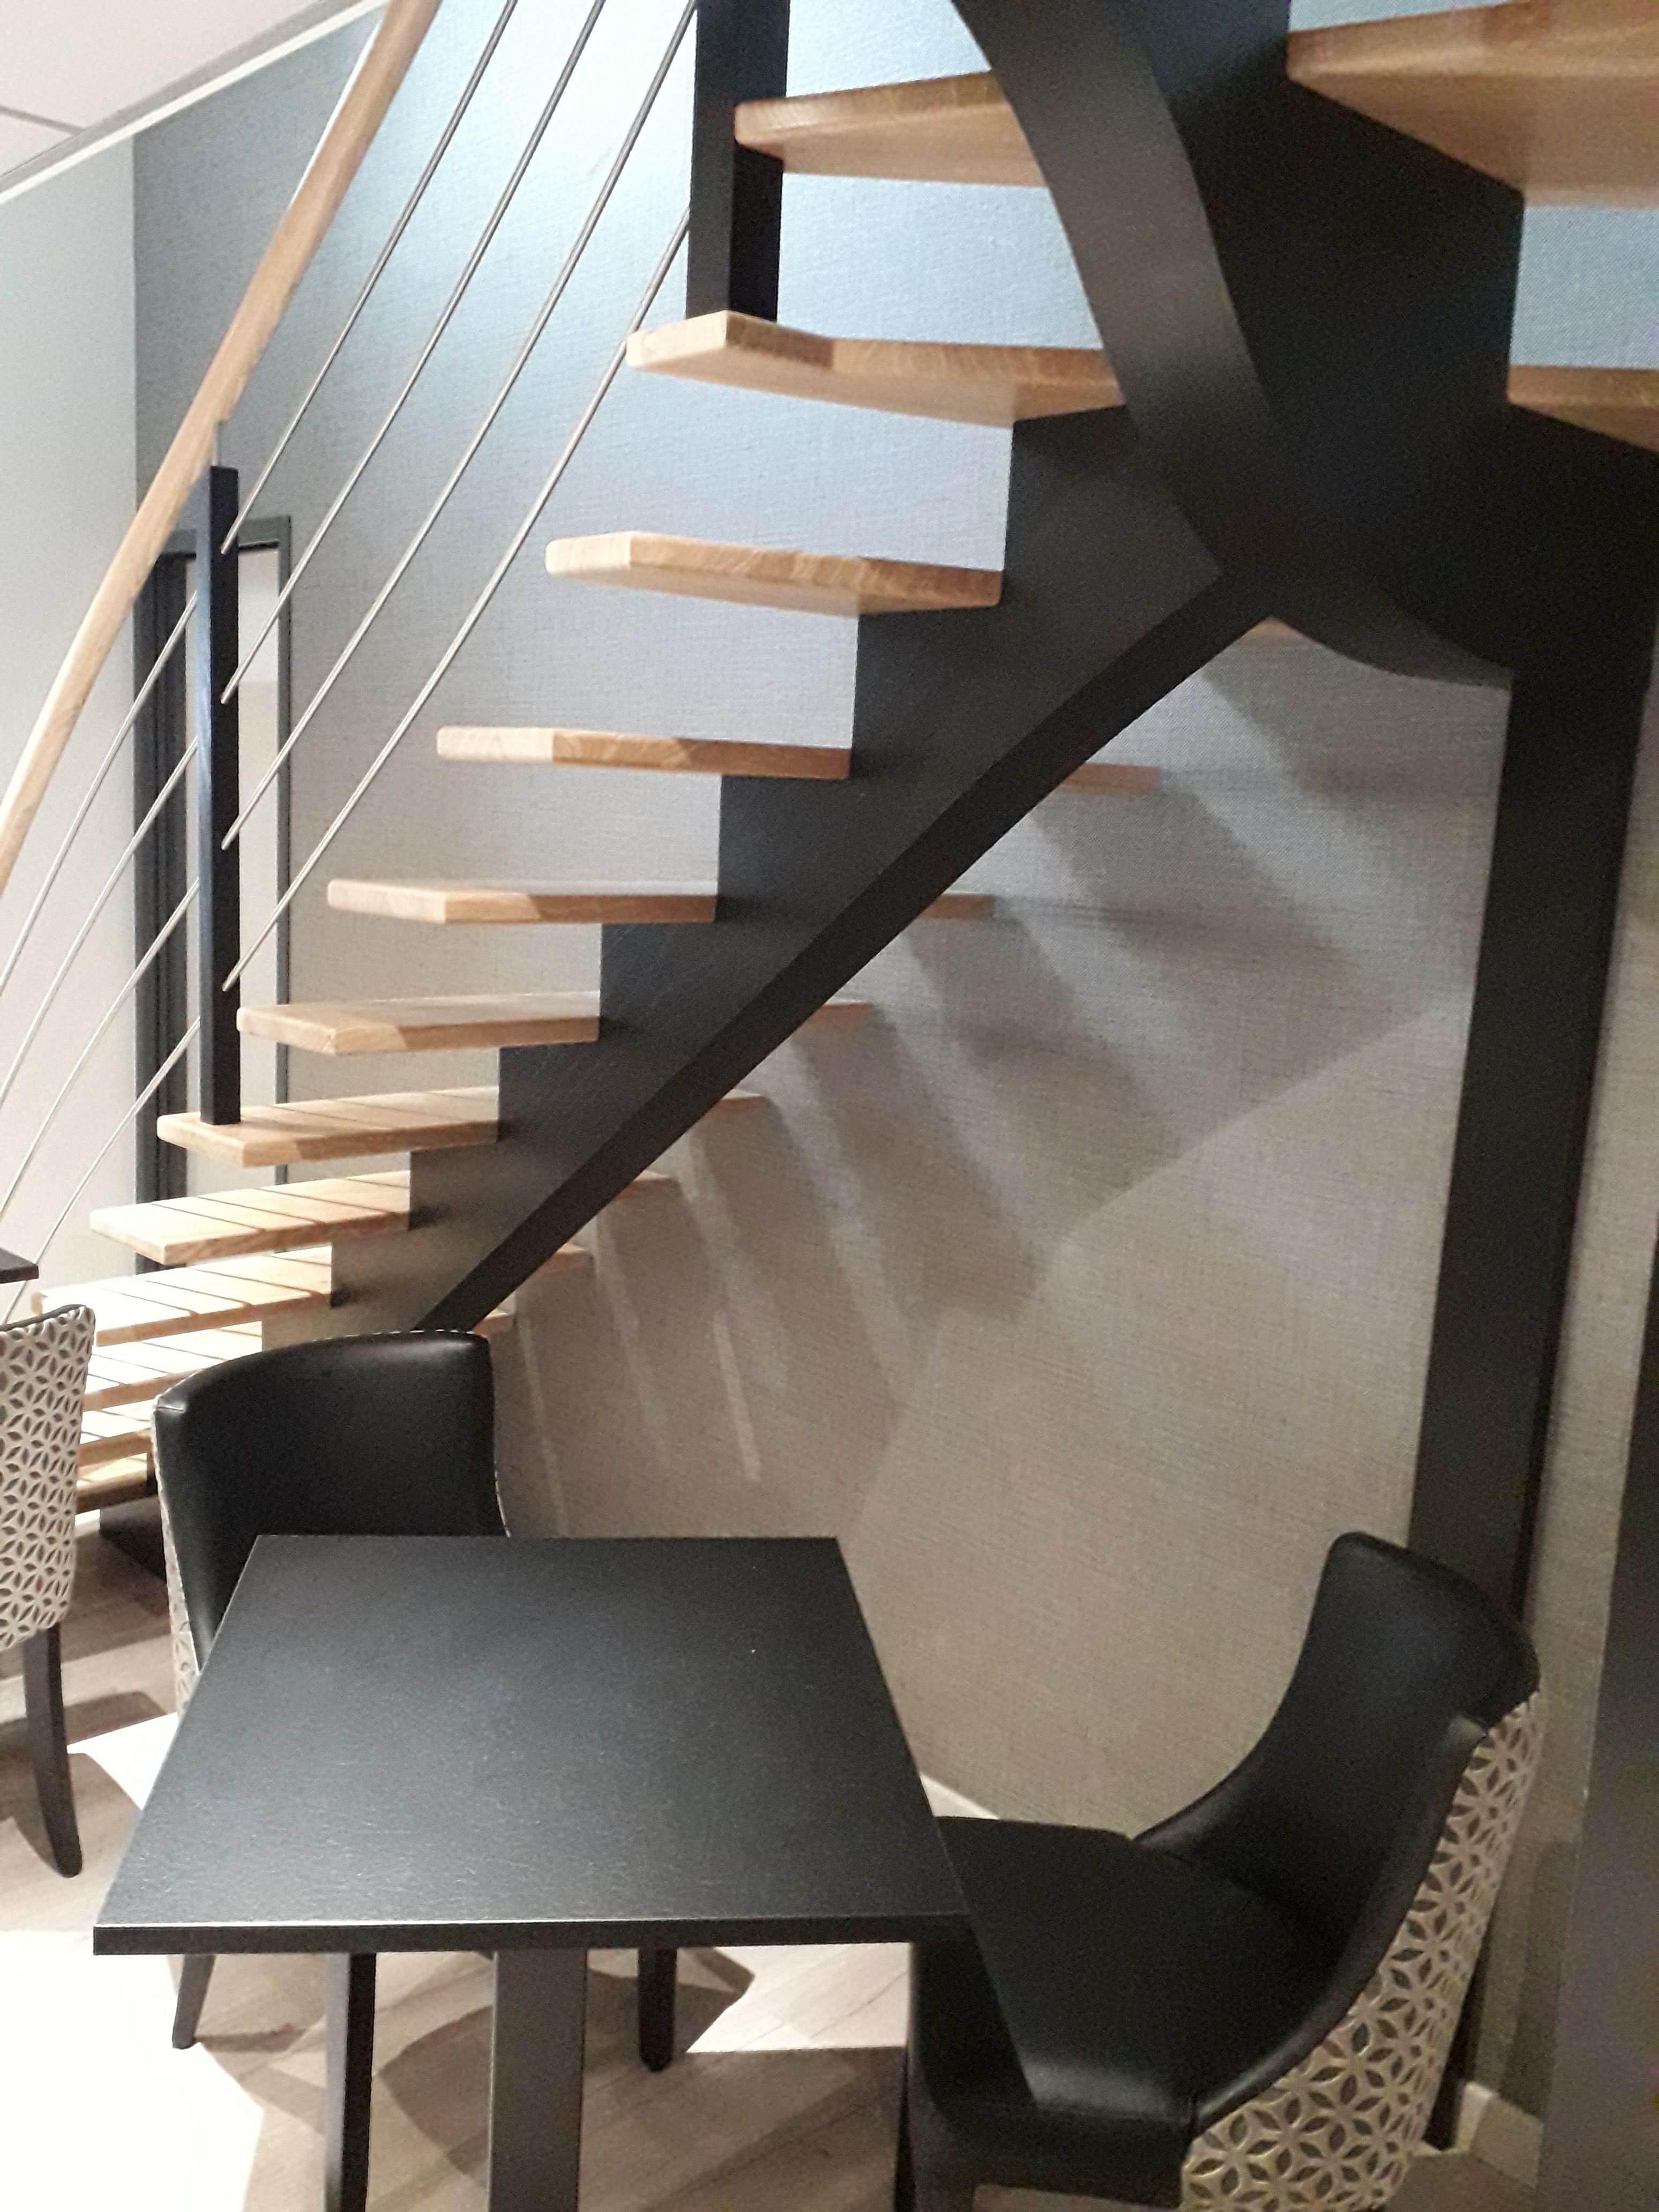 decoration bar le Petit Trou Quintin 22, papier peint gris chamaré noir argenté dans cage d escalier